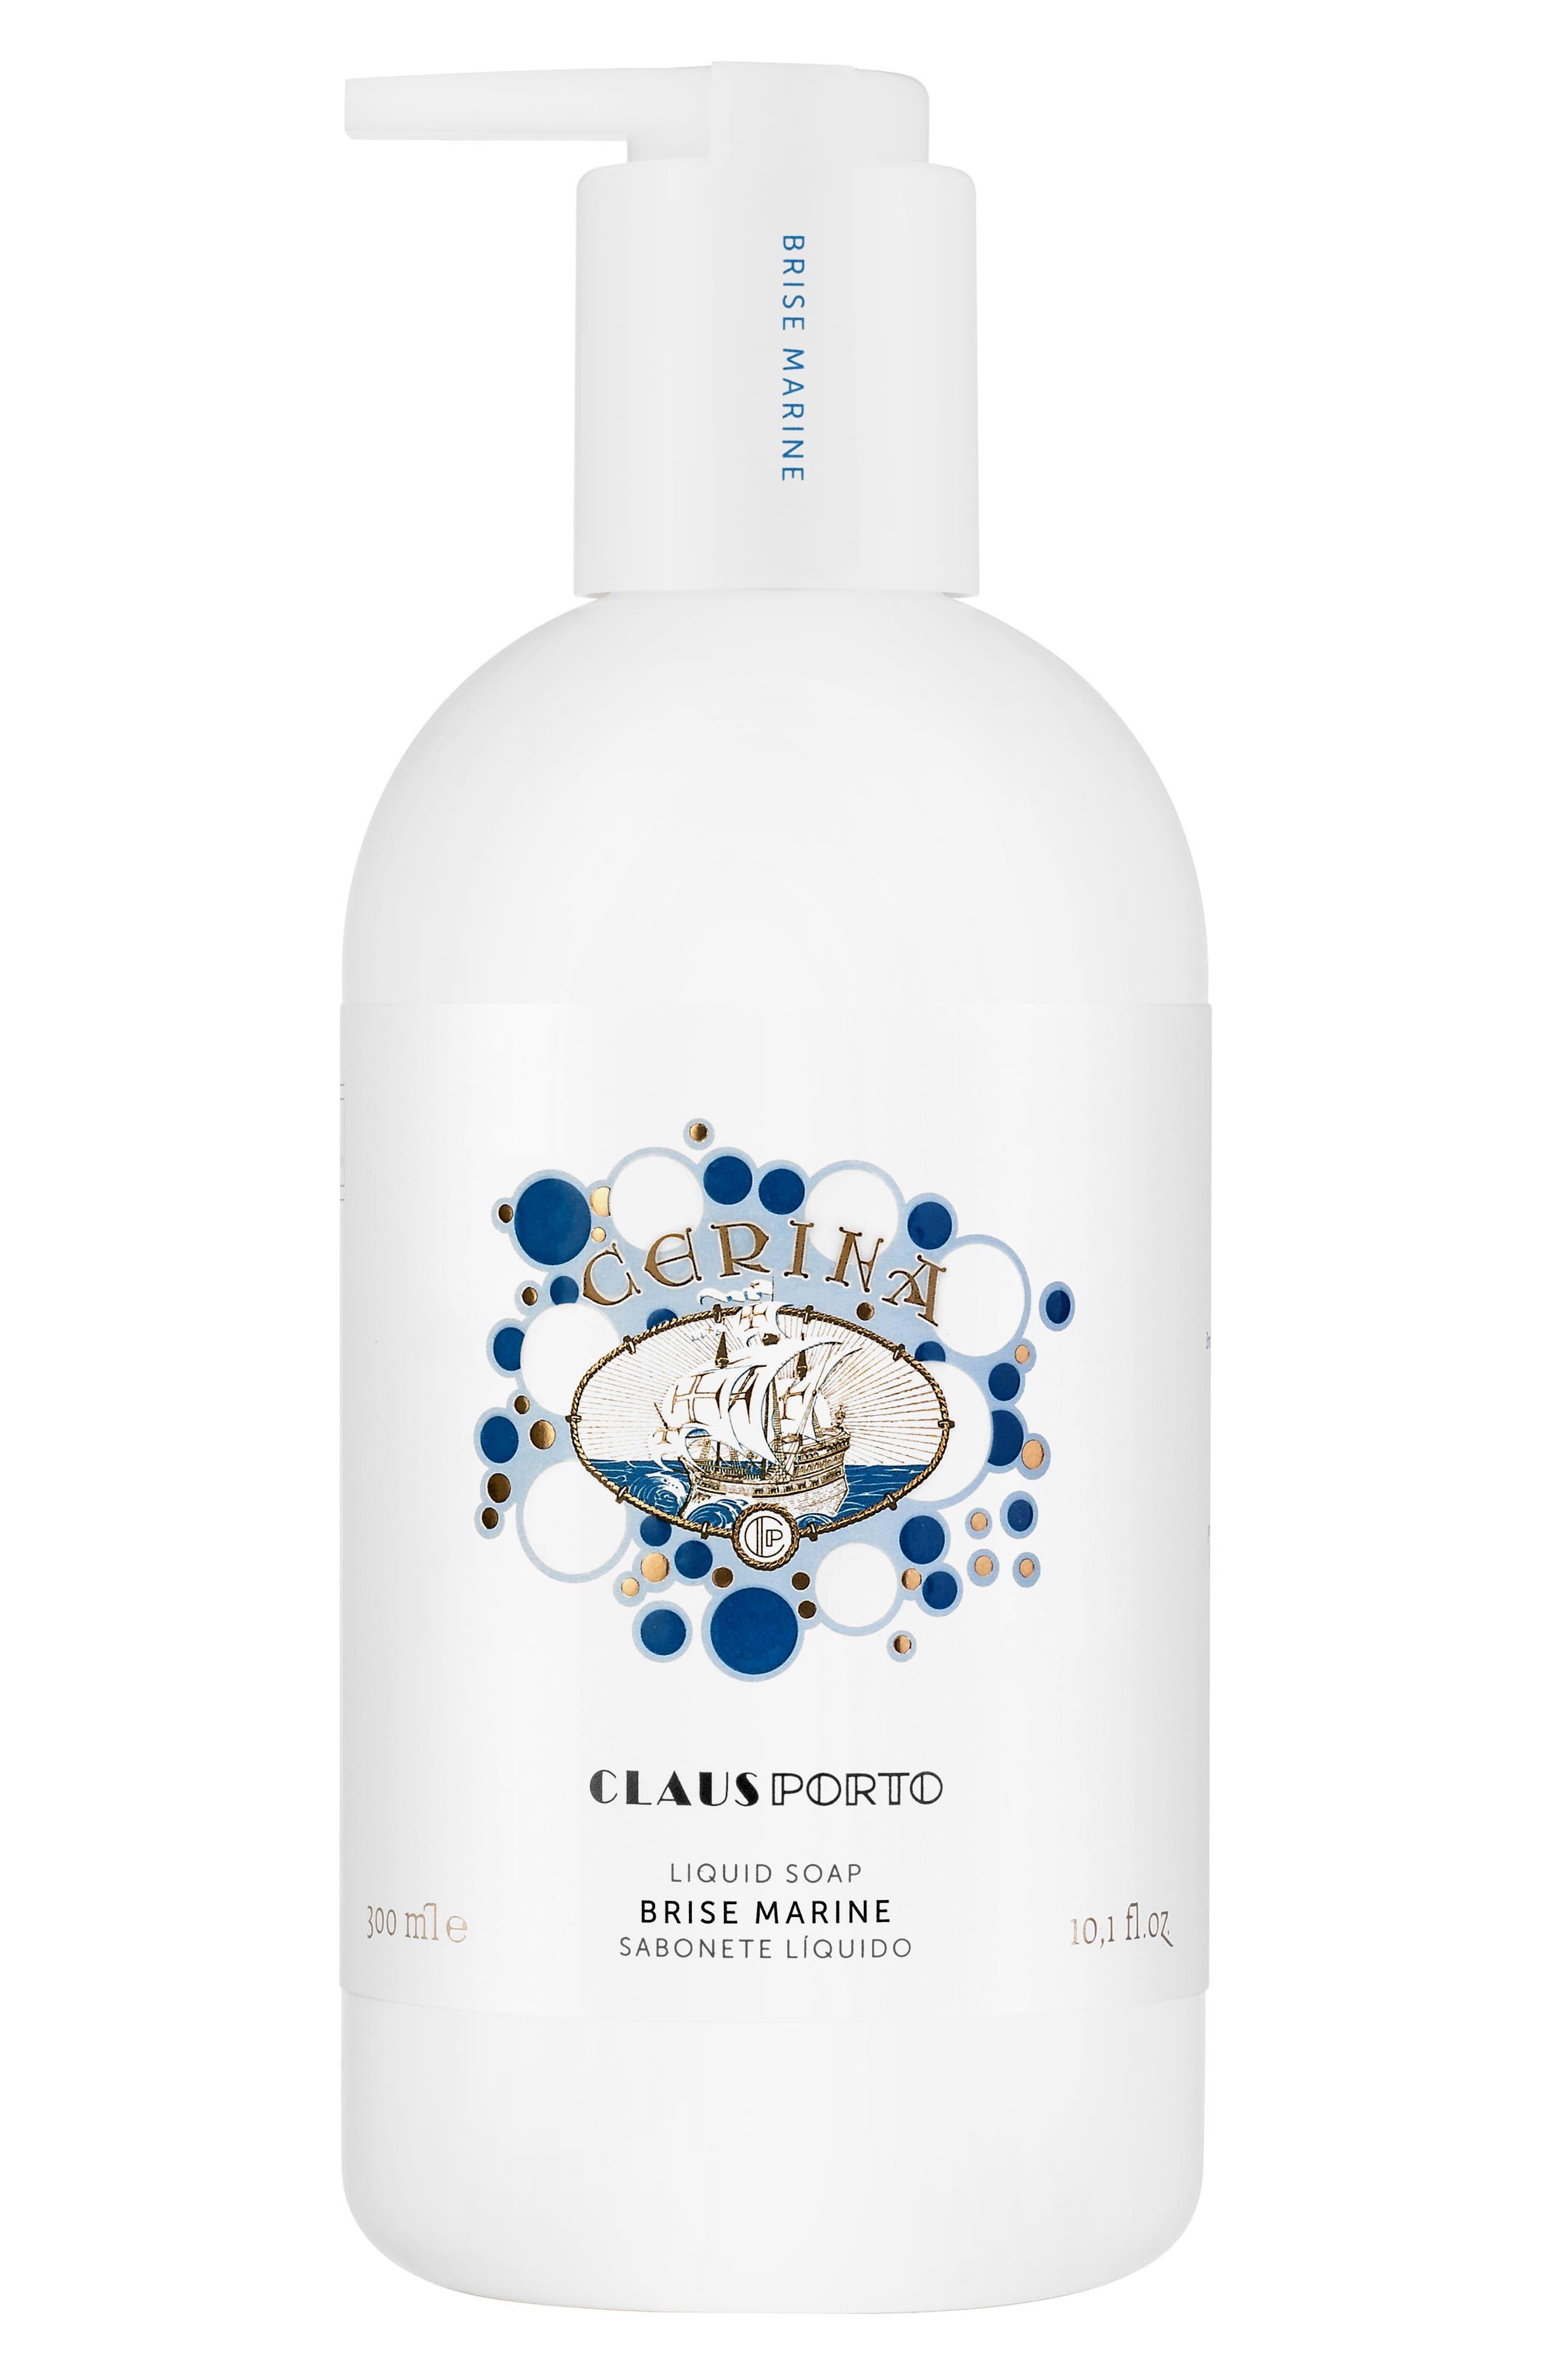 Claus Porto Cerina Brise Marine Liquid Soap